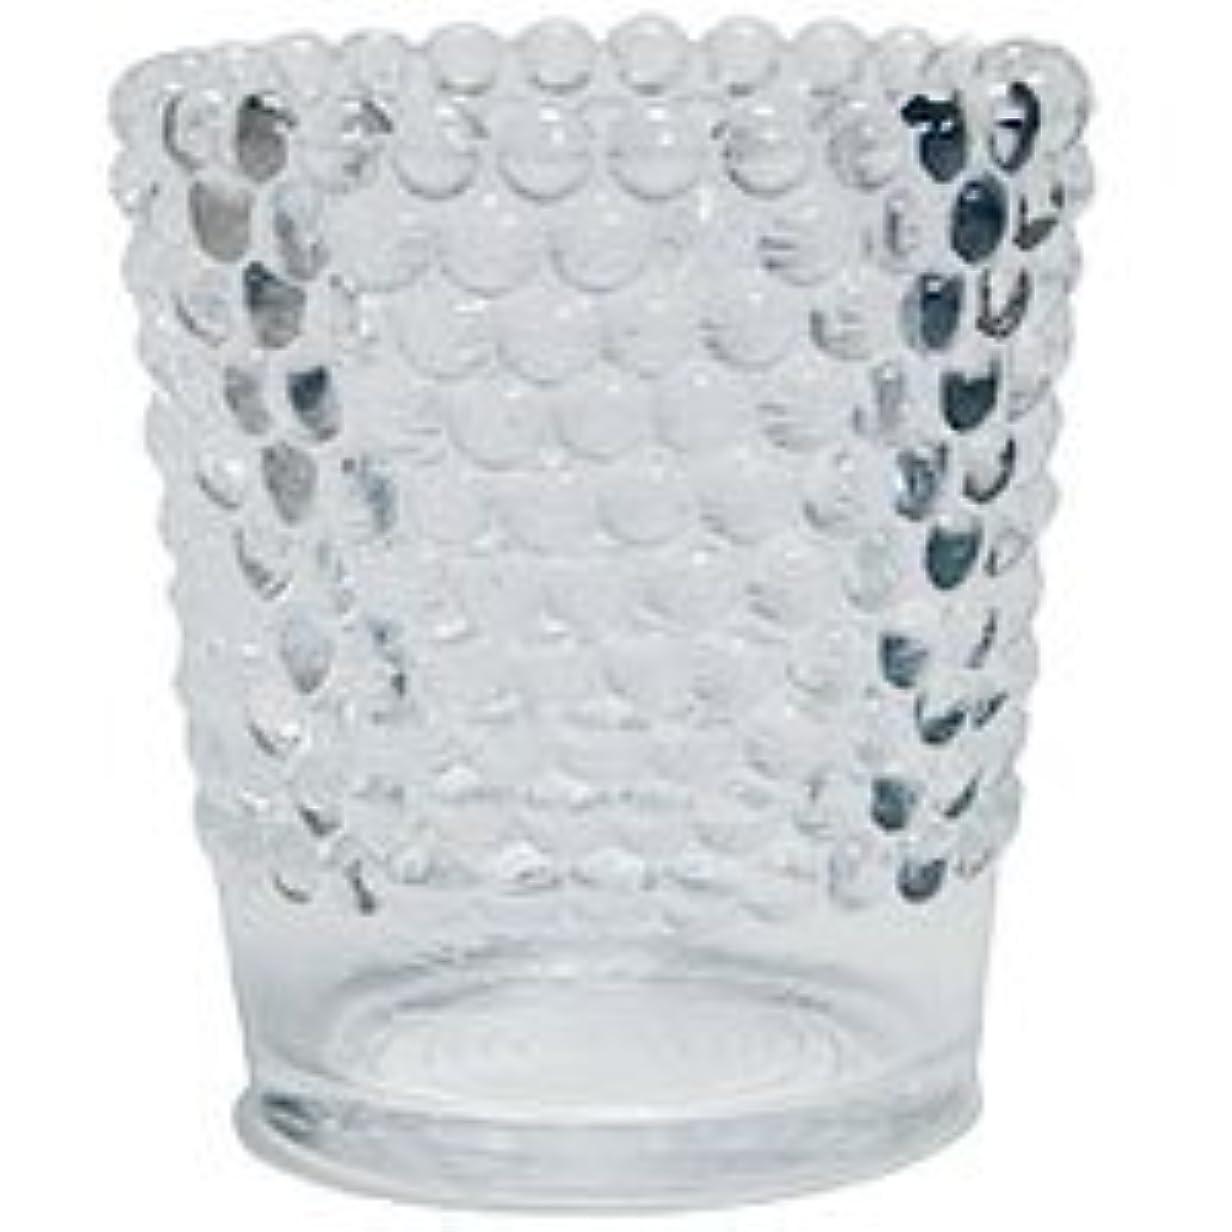 ピアース泥オセアニア【カメヤマ】キャンドルホルダー ホビネルグラス クリスタル 6個セット